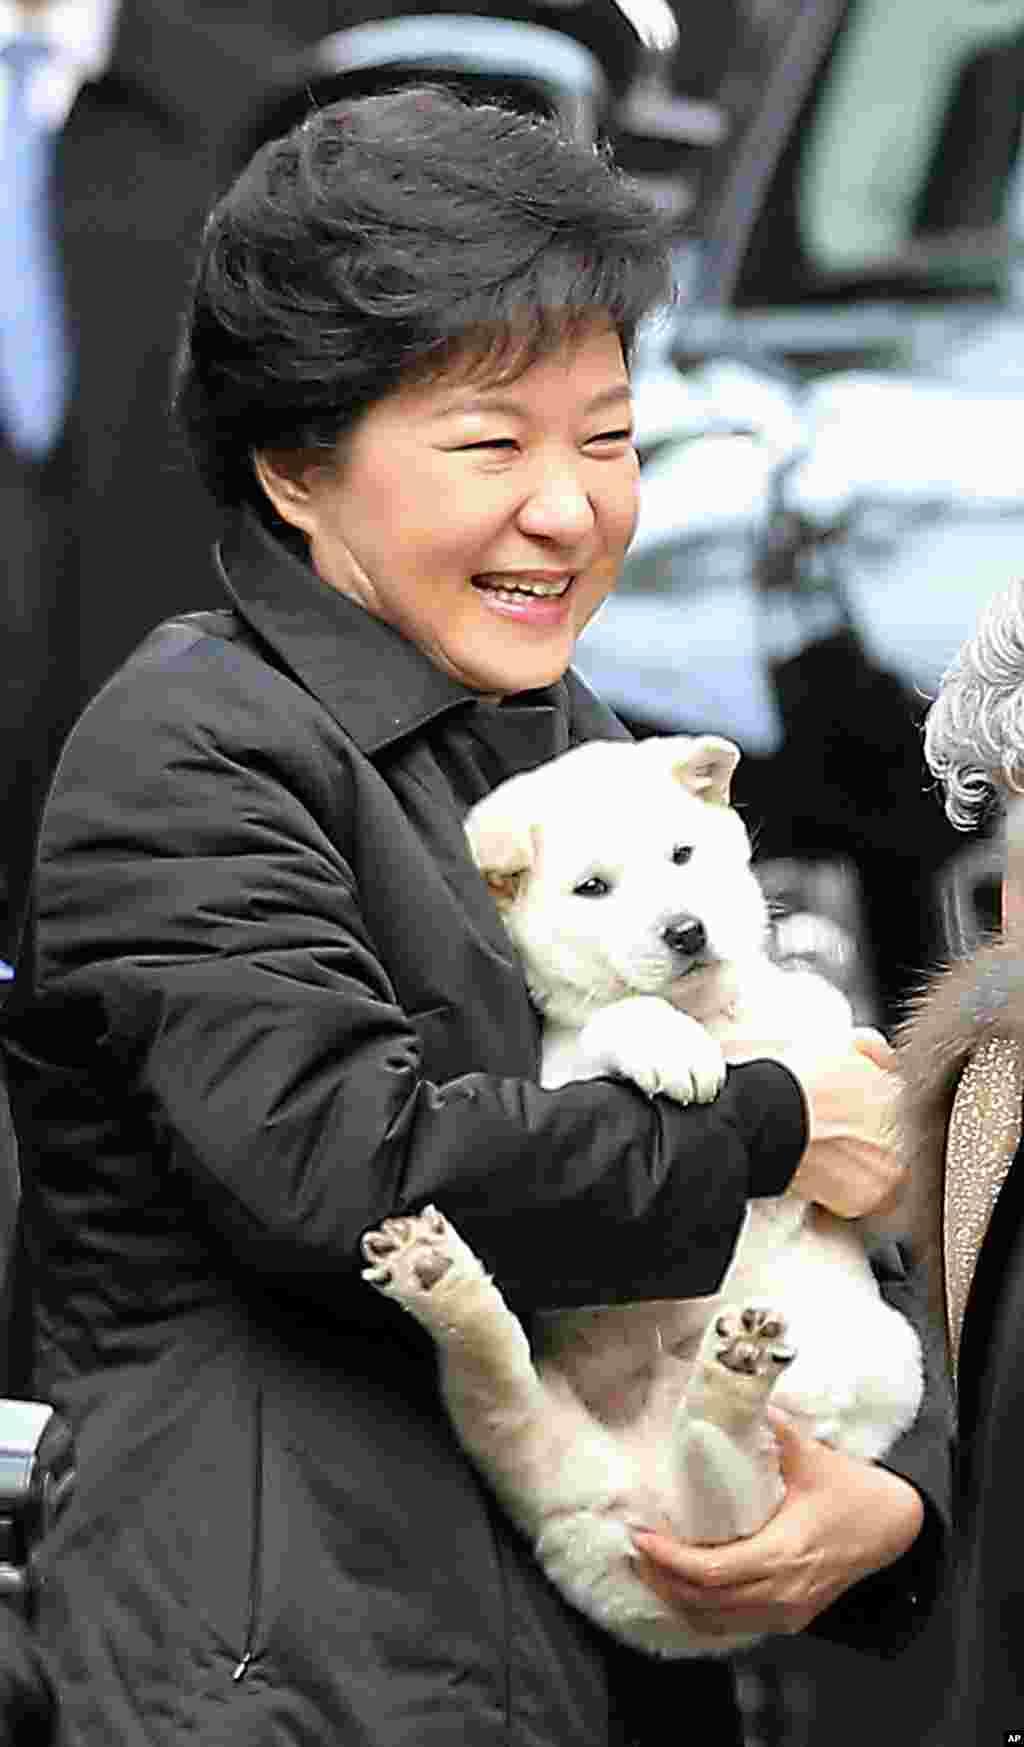 Predsjednica Južne Koreje Park Geun-hye sa psom koji joj je poklonila susjeda pred polazak na ceremoniju njene inauguracije. (AP)